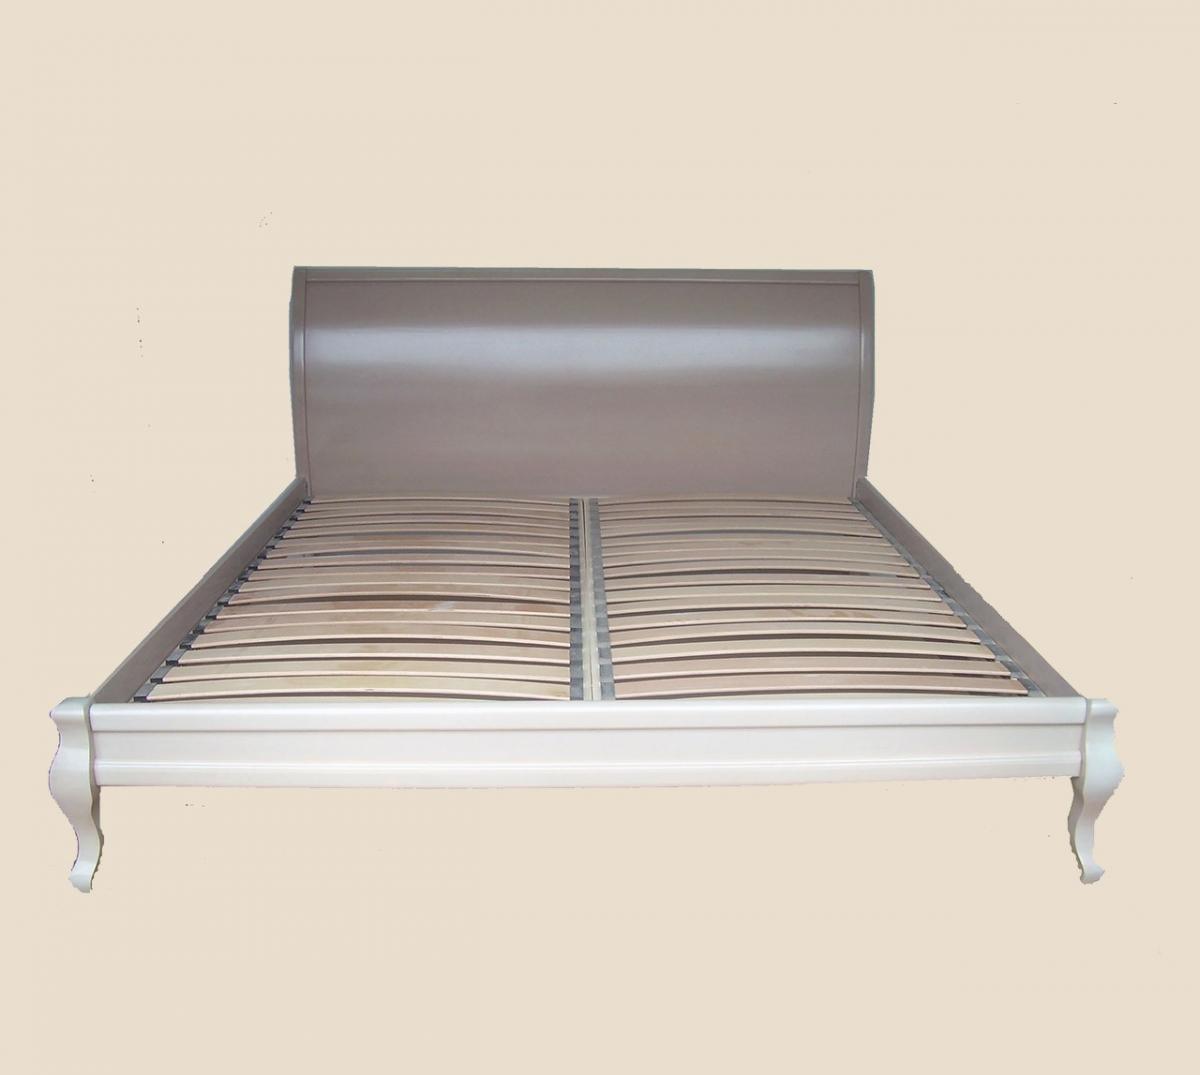 Кровать 140х200 (R-500) Диарсо РКБ